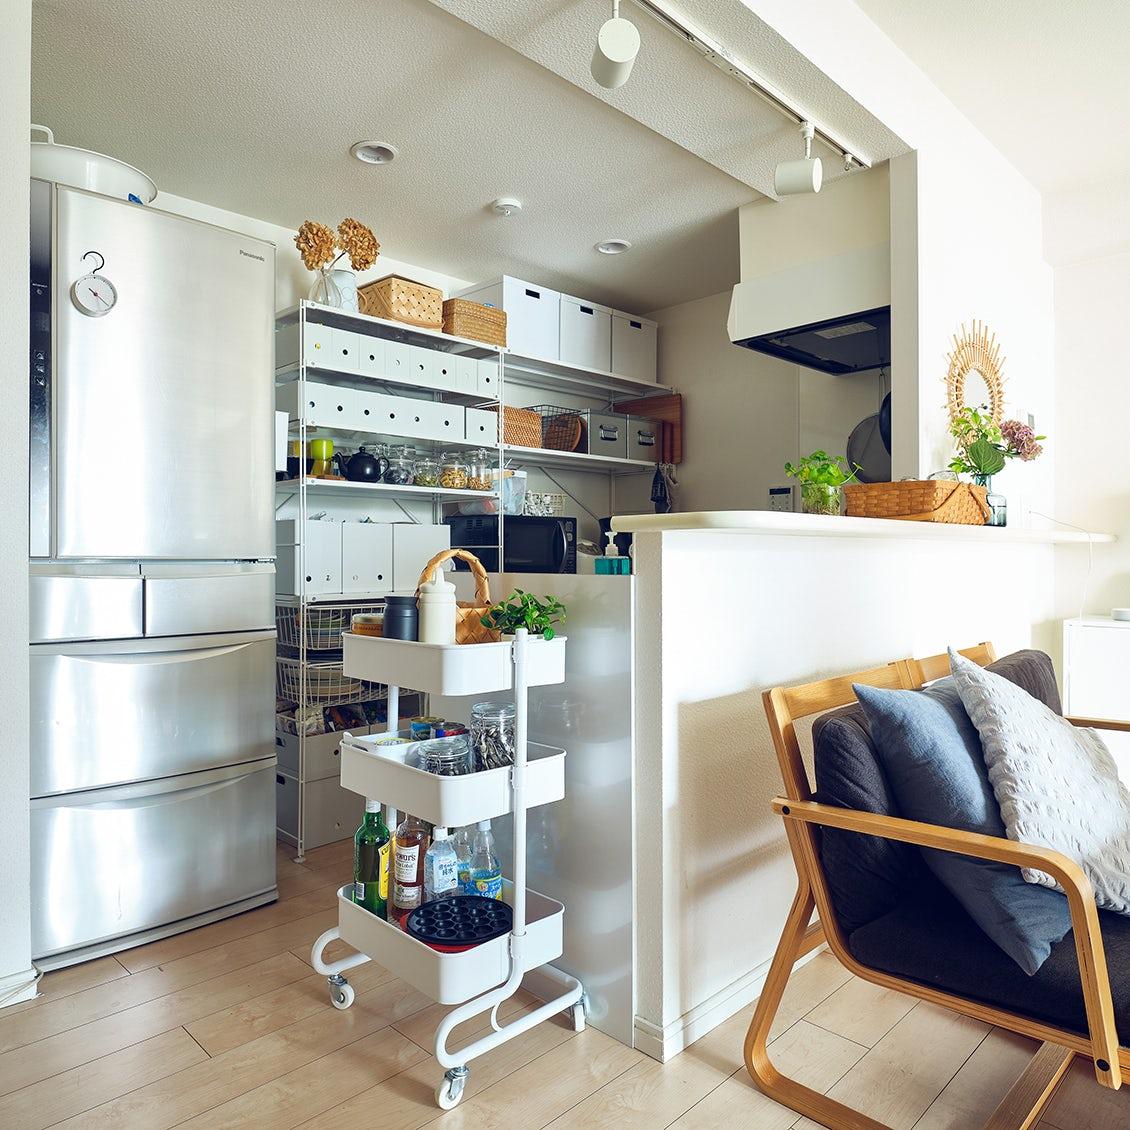 【暮らしと収納】キッチンワゴンに作業台、ベビー用品まで。スタッフ宅でワゴン収納を使ってみると